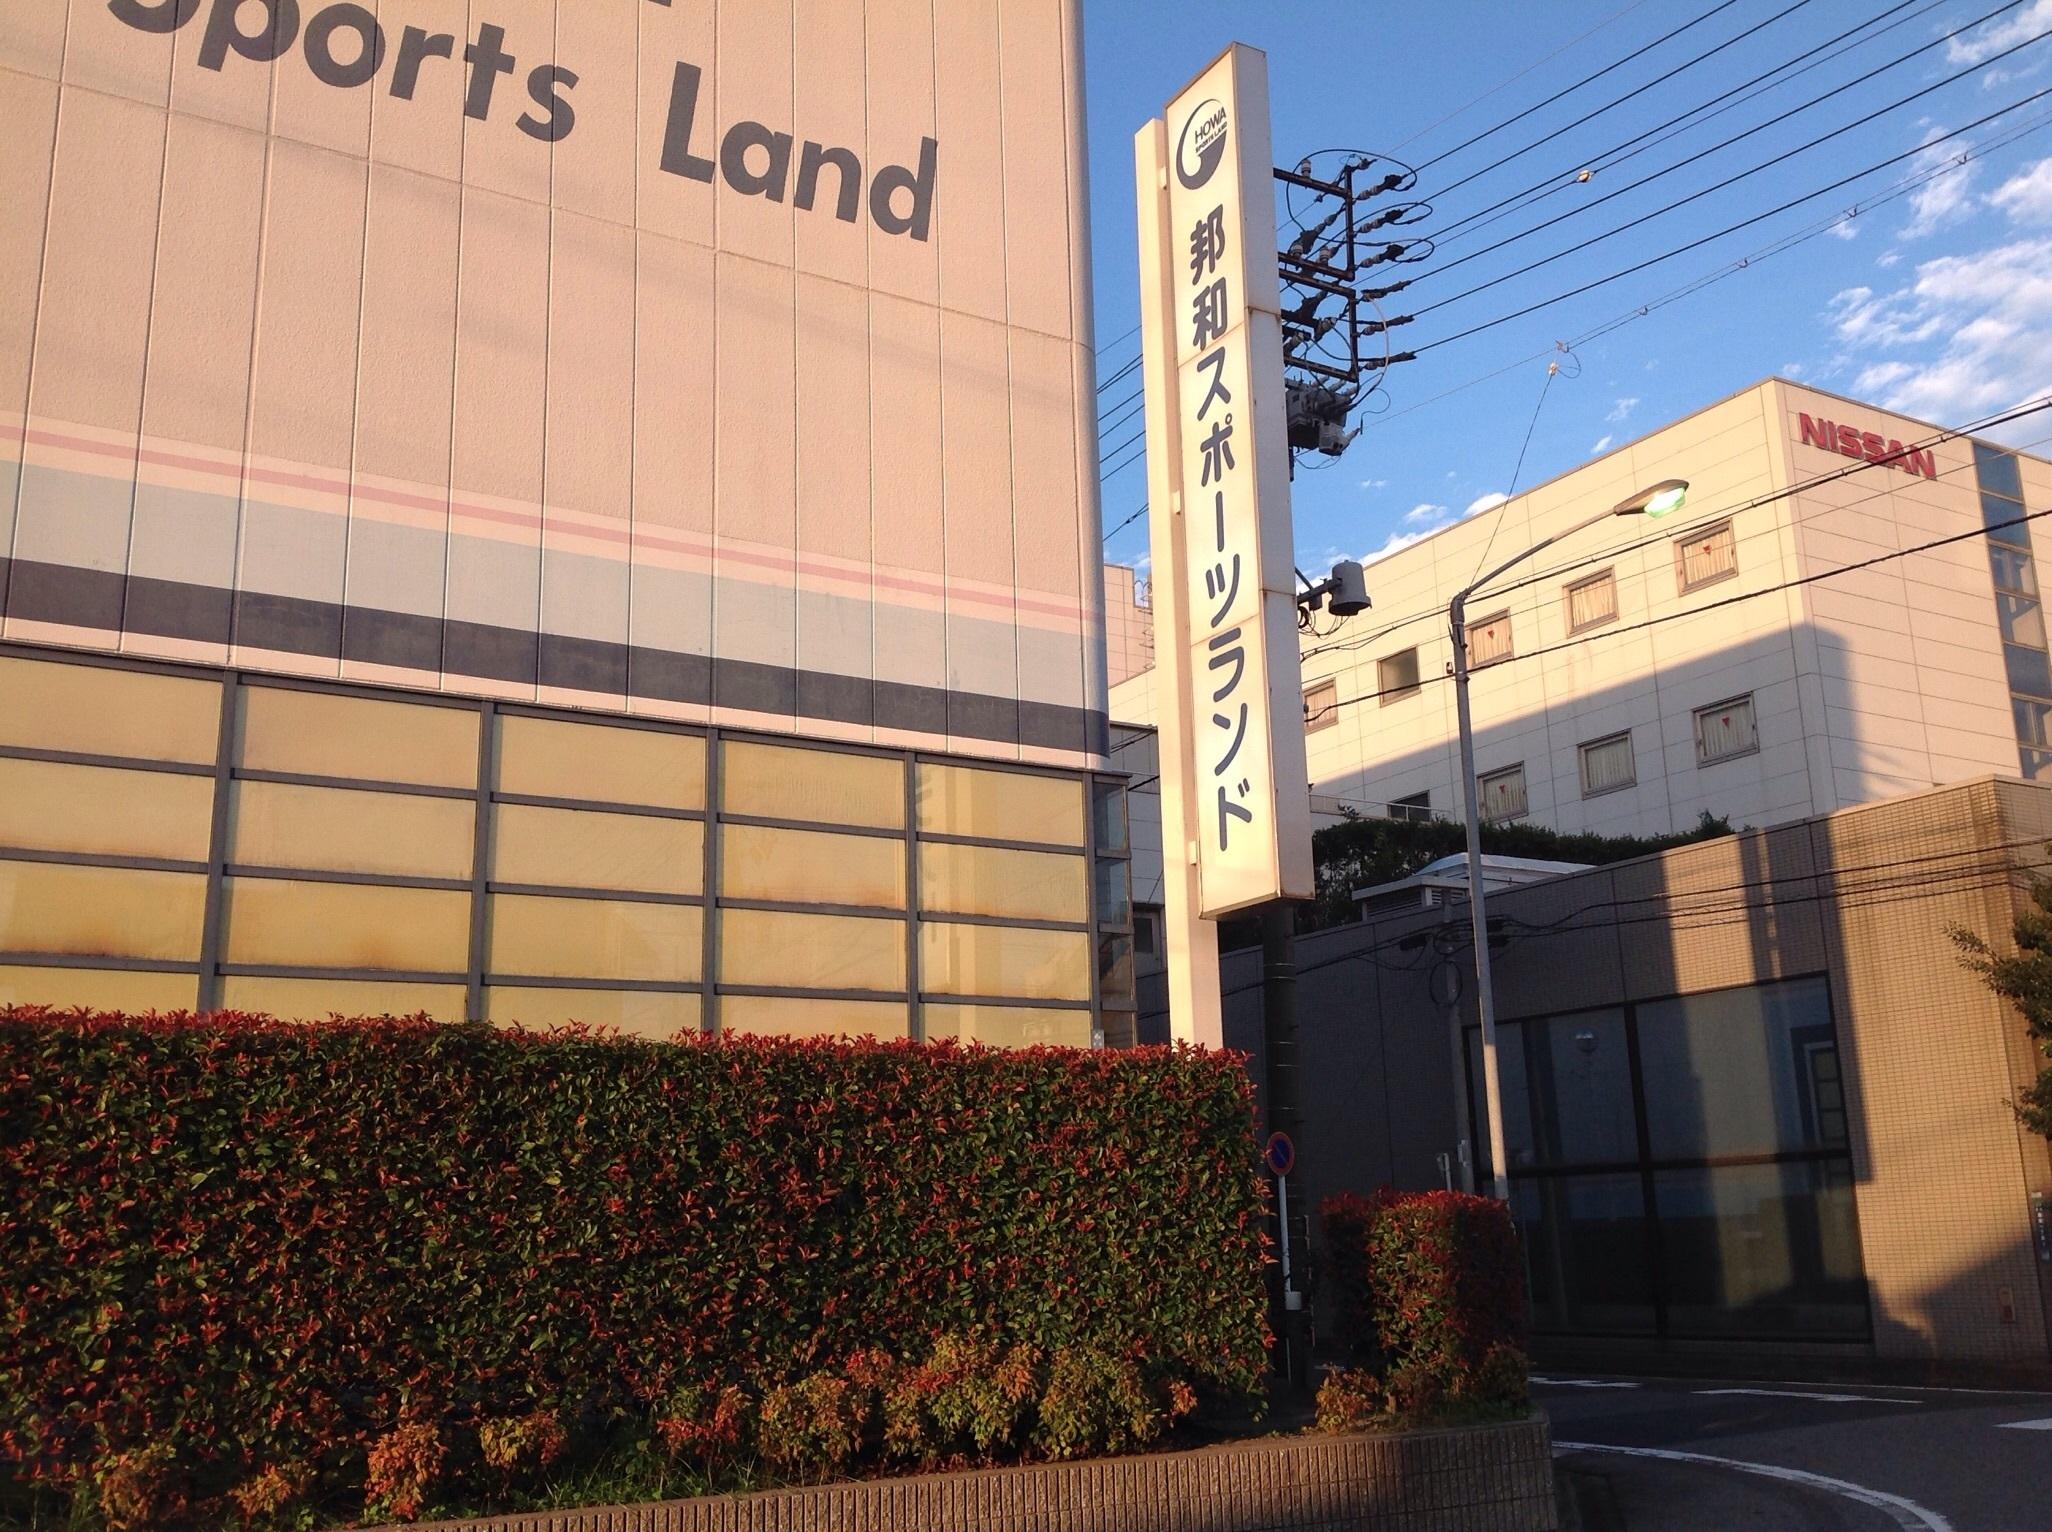 邦和スポーツランドです。